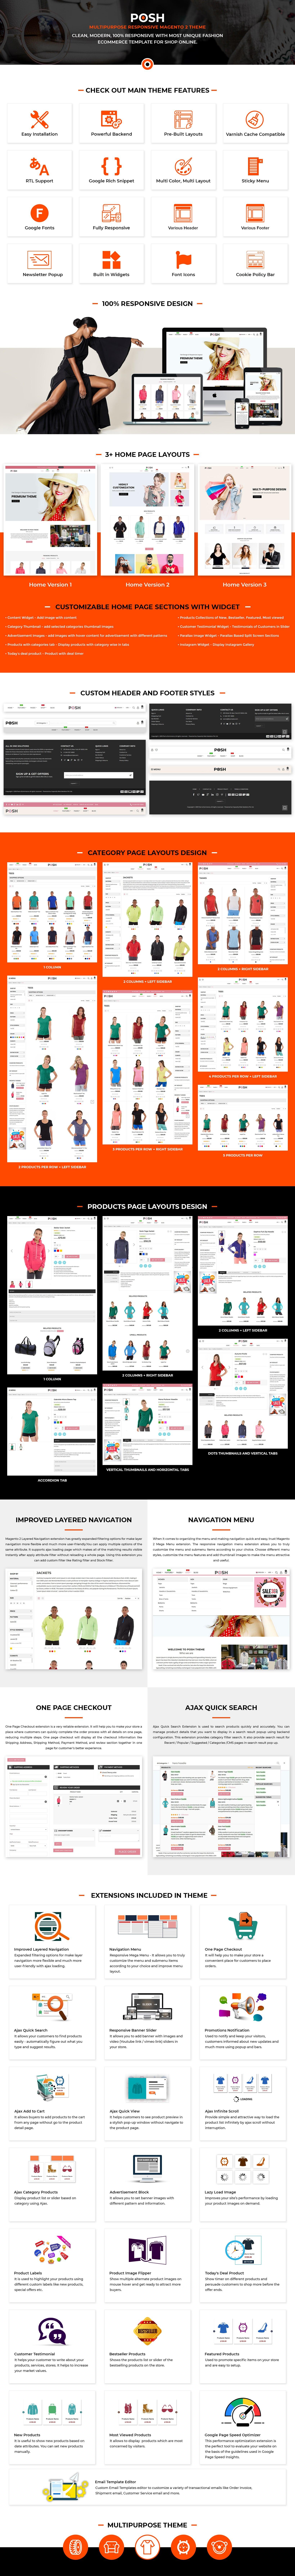 Posh Magento 2 Multipurpose Fashion Theme